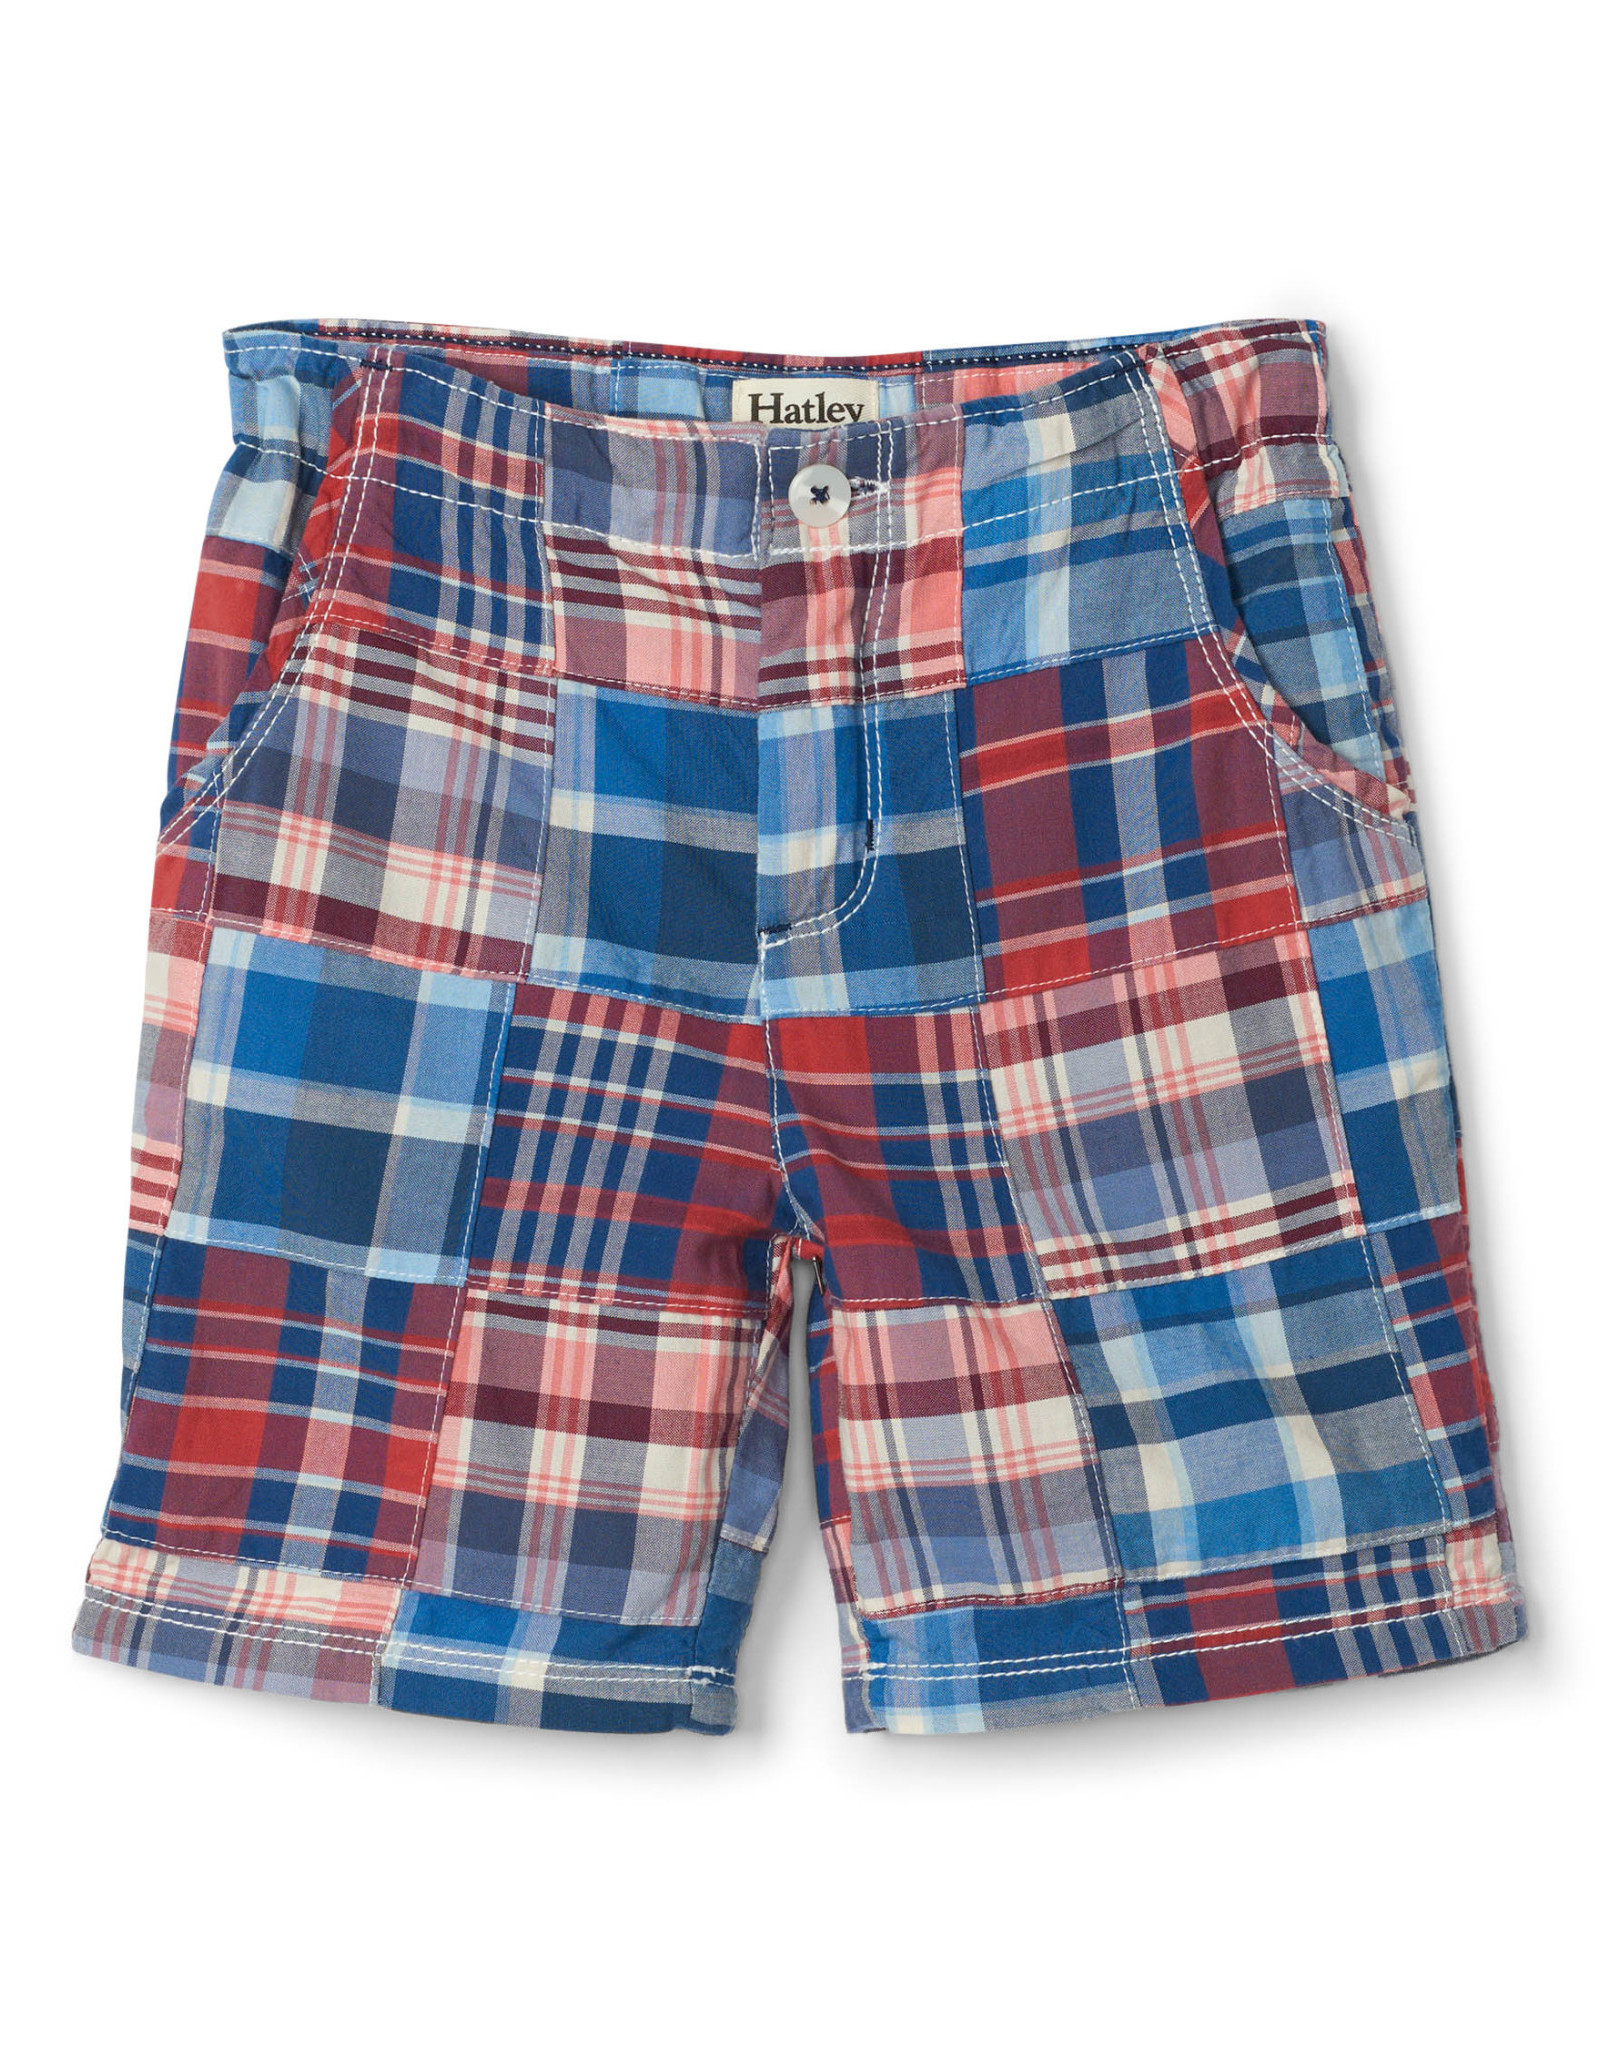 Hatley Madras Plaid Shorts